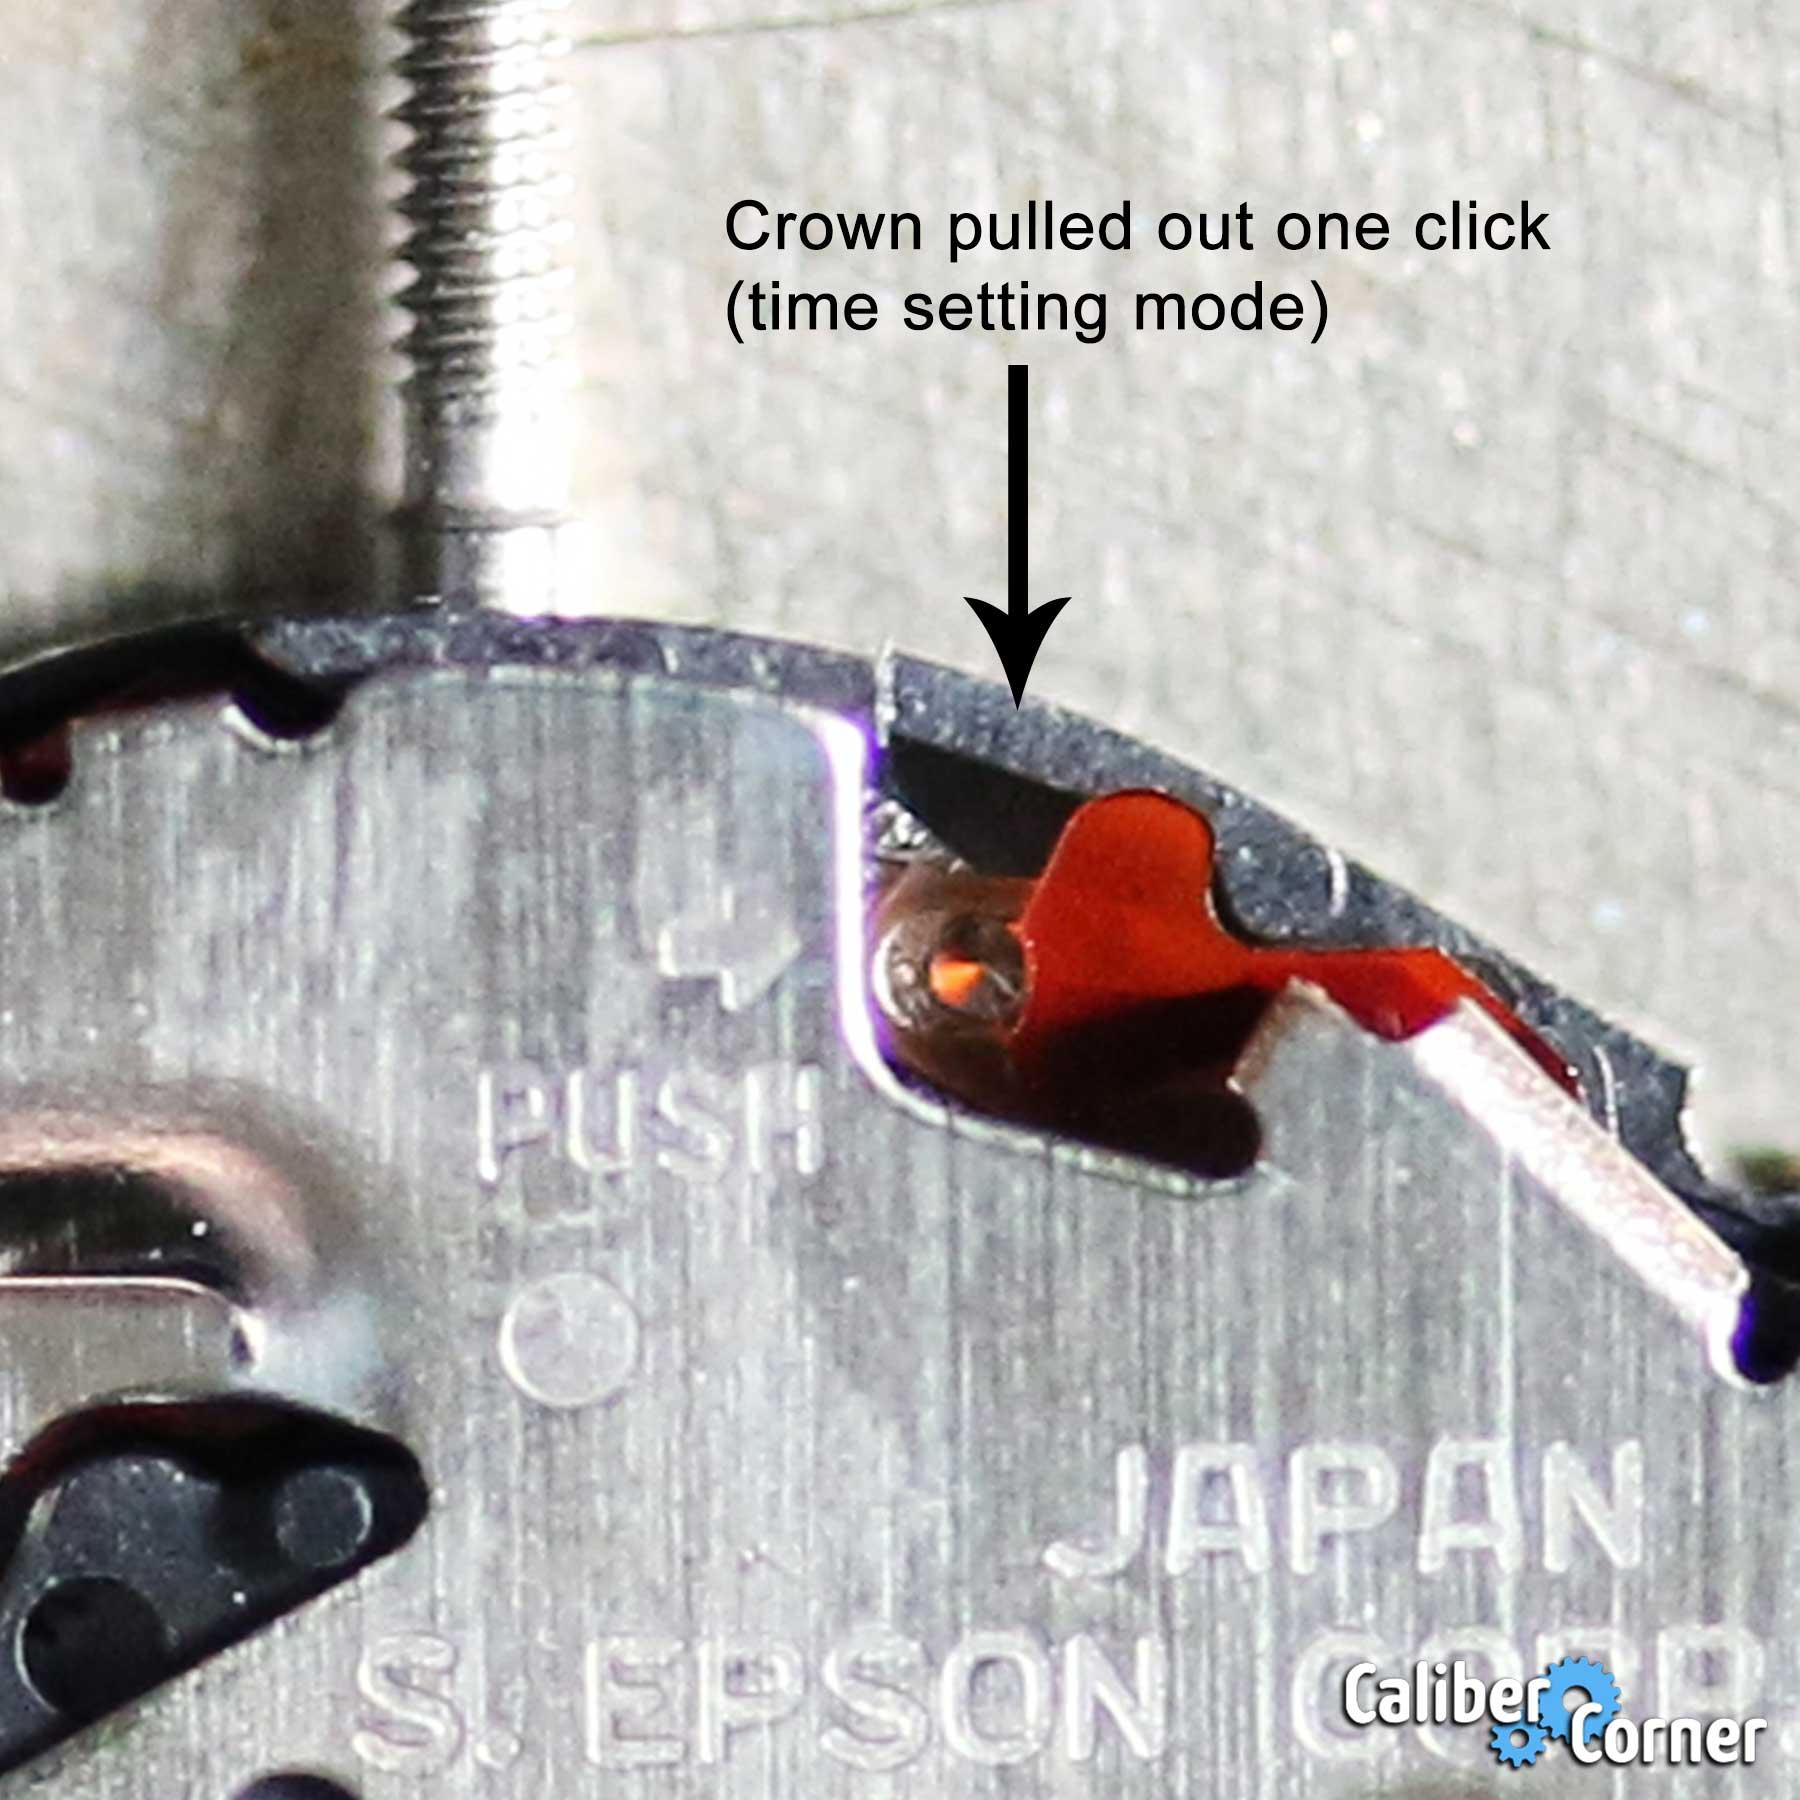 Seiko Epson Caliber Y120g Crown